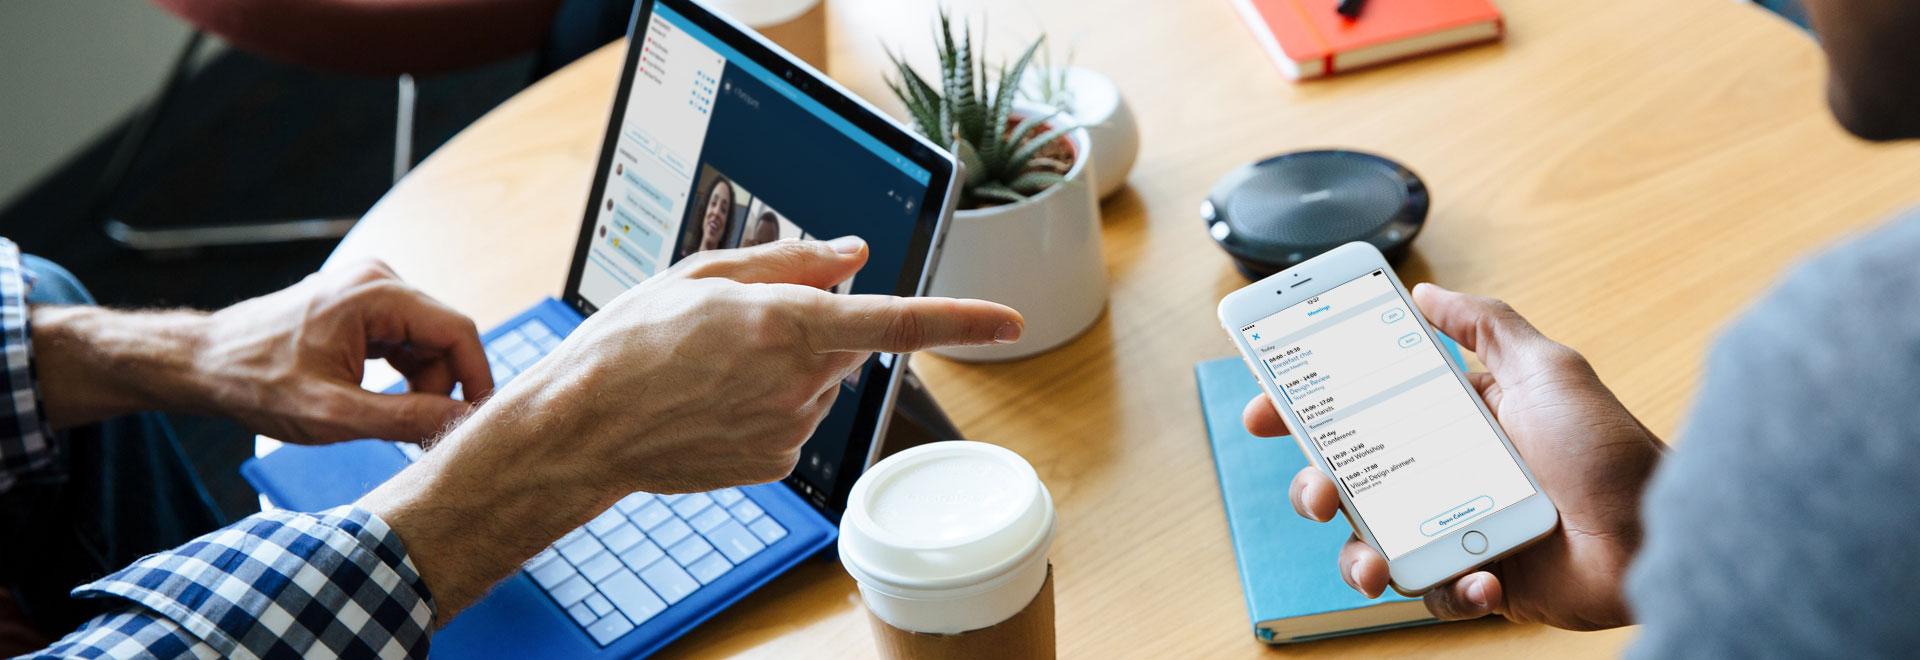 Hai người đang ở bàn làm việc, một người đang dùng điện thoại và một người dùng máy tính xách tay sử dụng Skype for Business